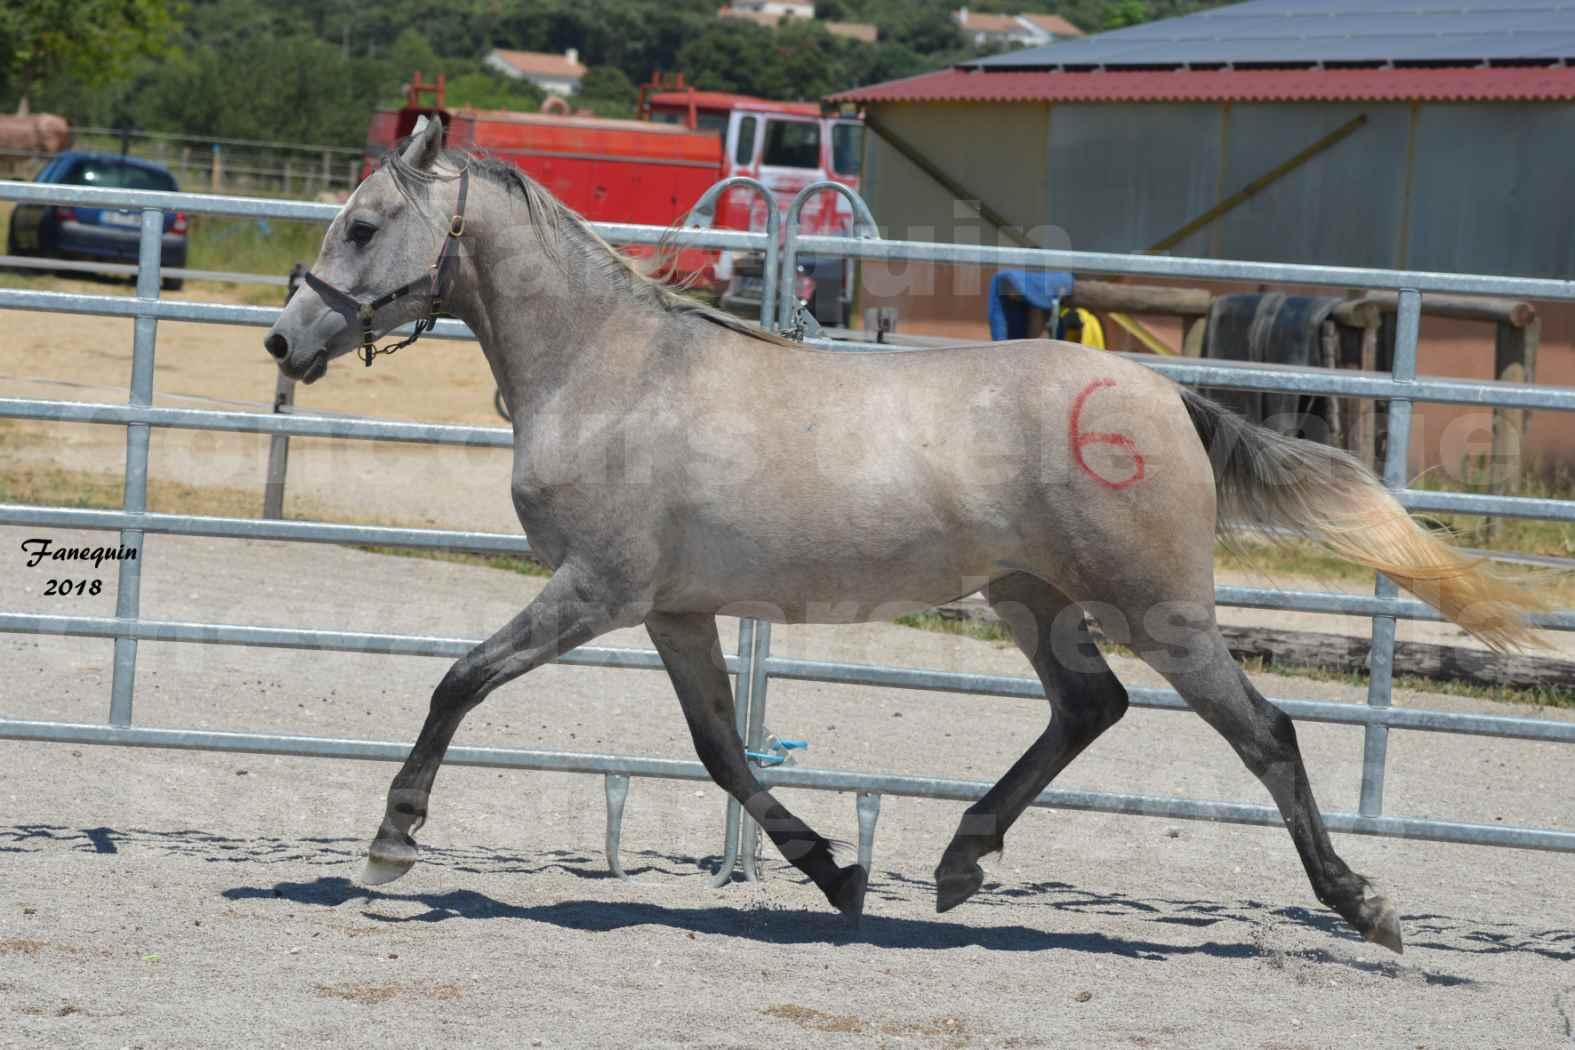 Concours d'Elevage de chevaux Arabes  le 27 juin 2018 à la BOISSIERE - GAZAK D'AURIERES - 04